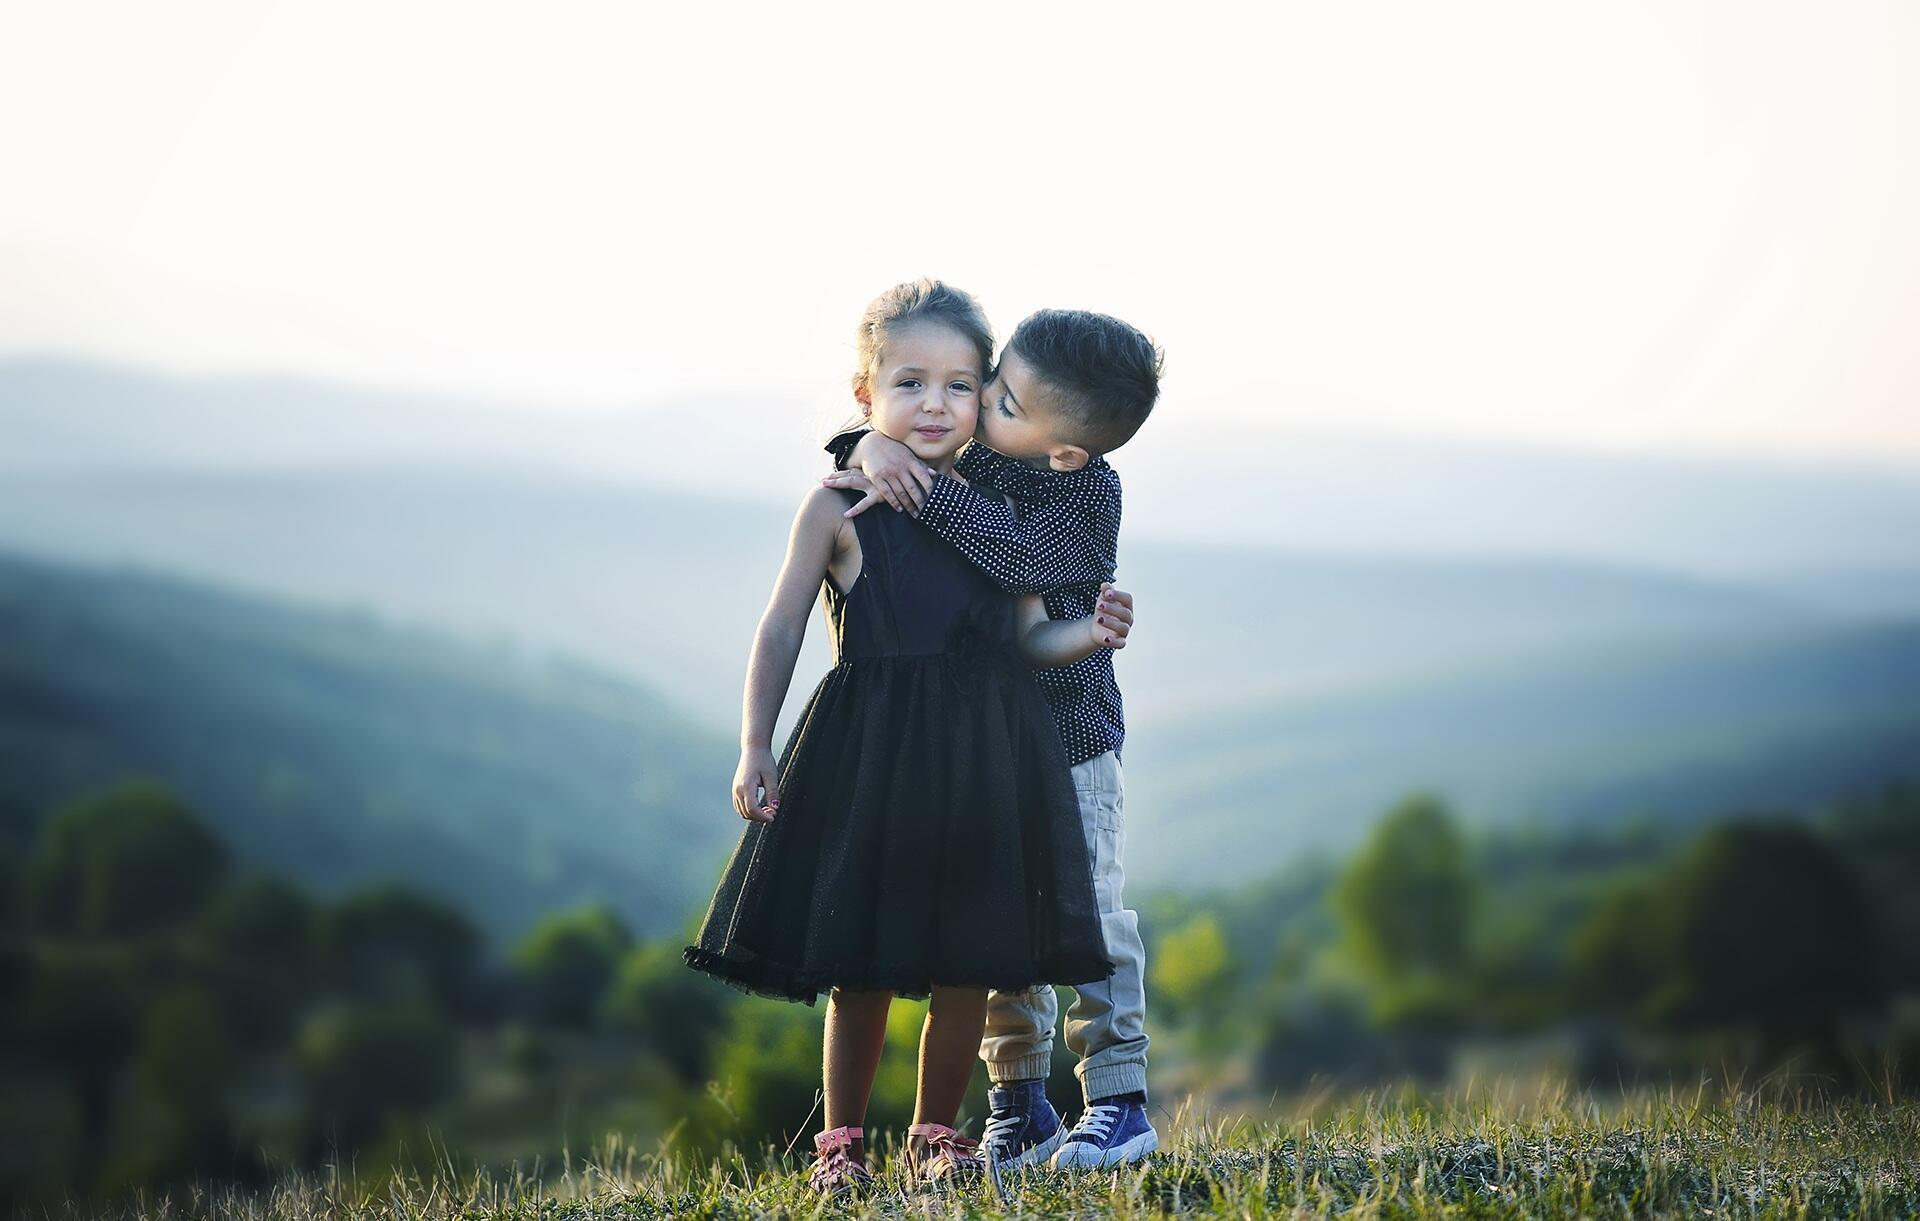 Всемирный день поцелуя: как отмечают